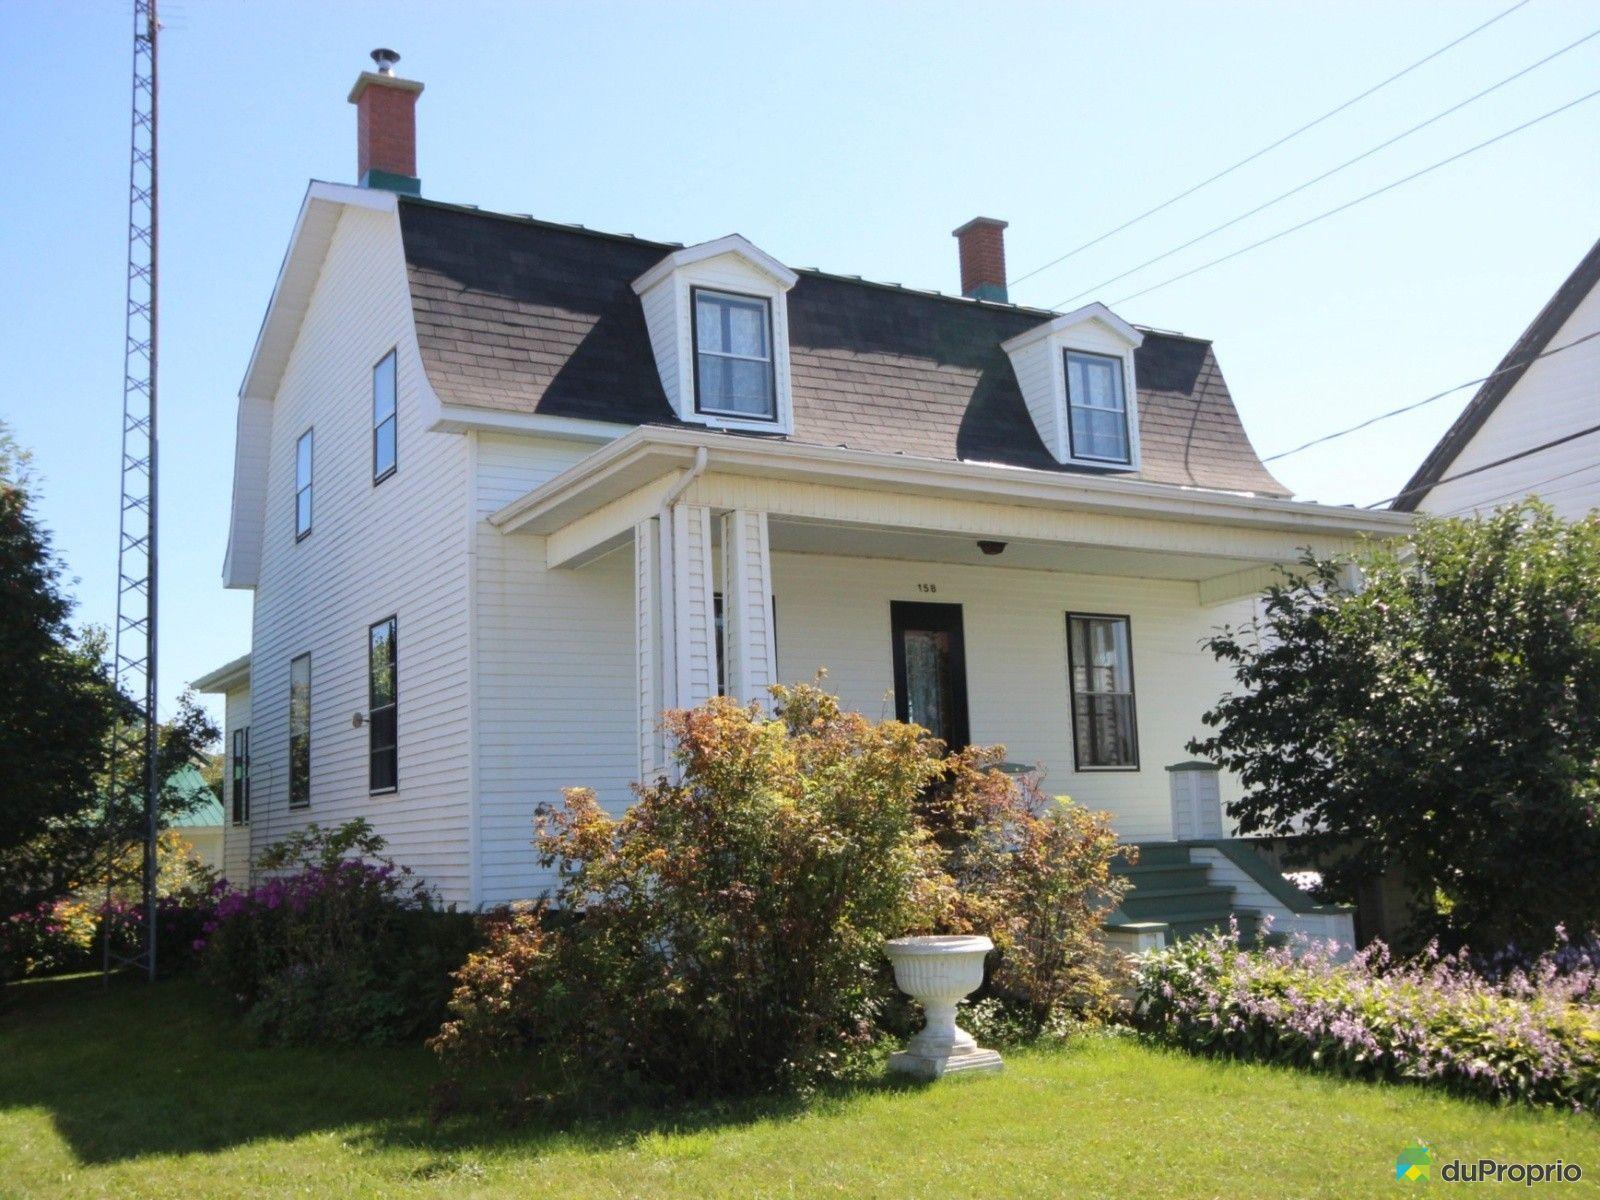 158 rue principale st guillaume vendre duproprio - Application maison a vendre ...